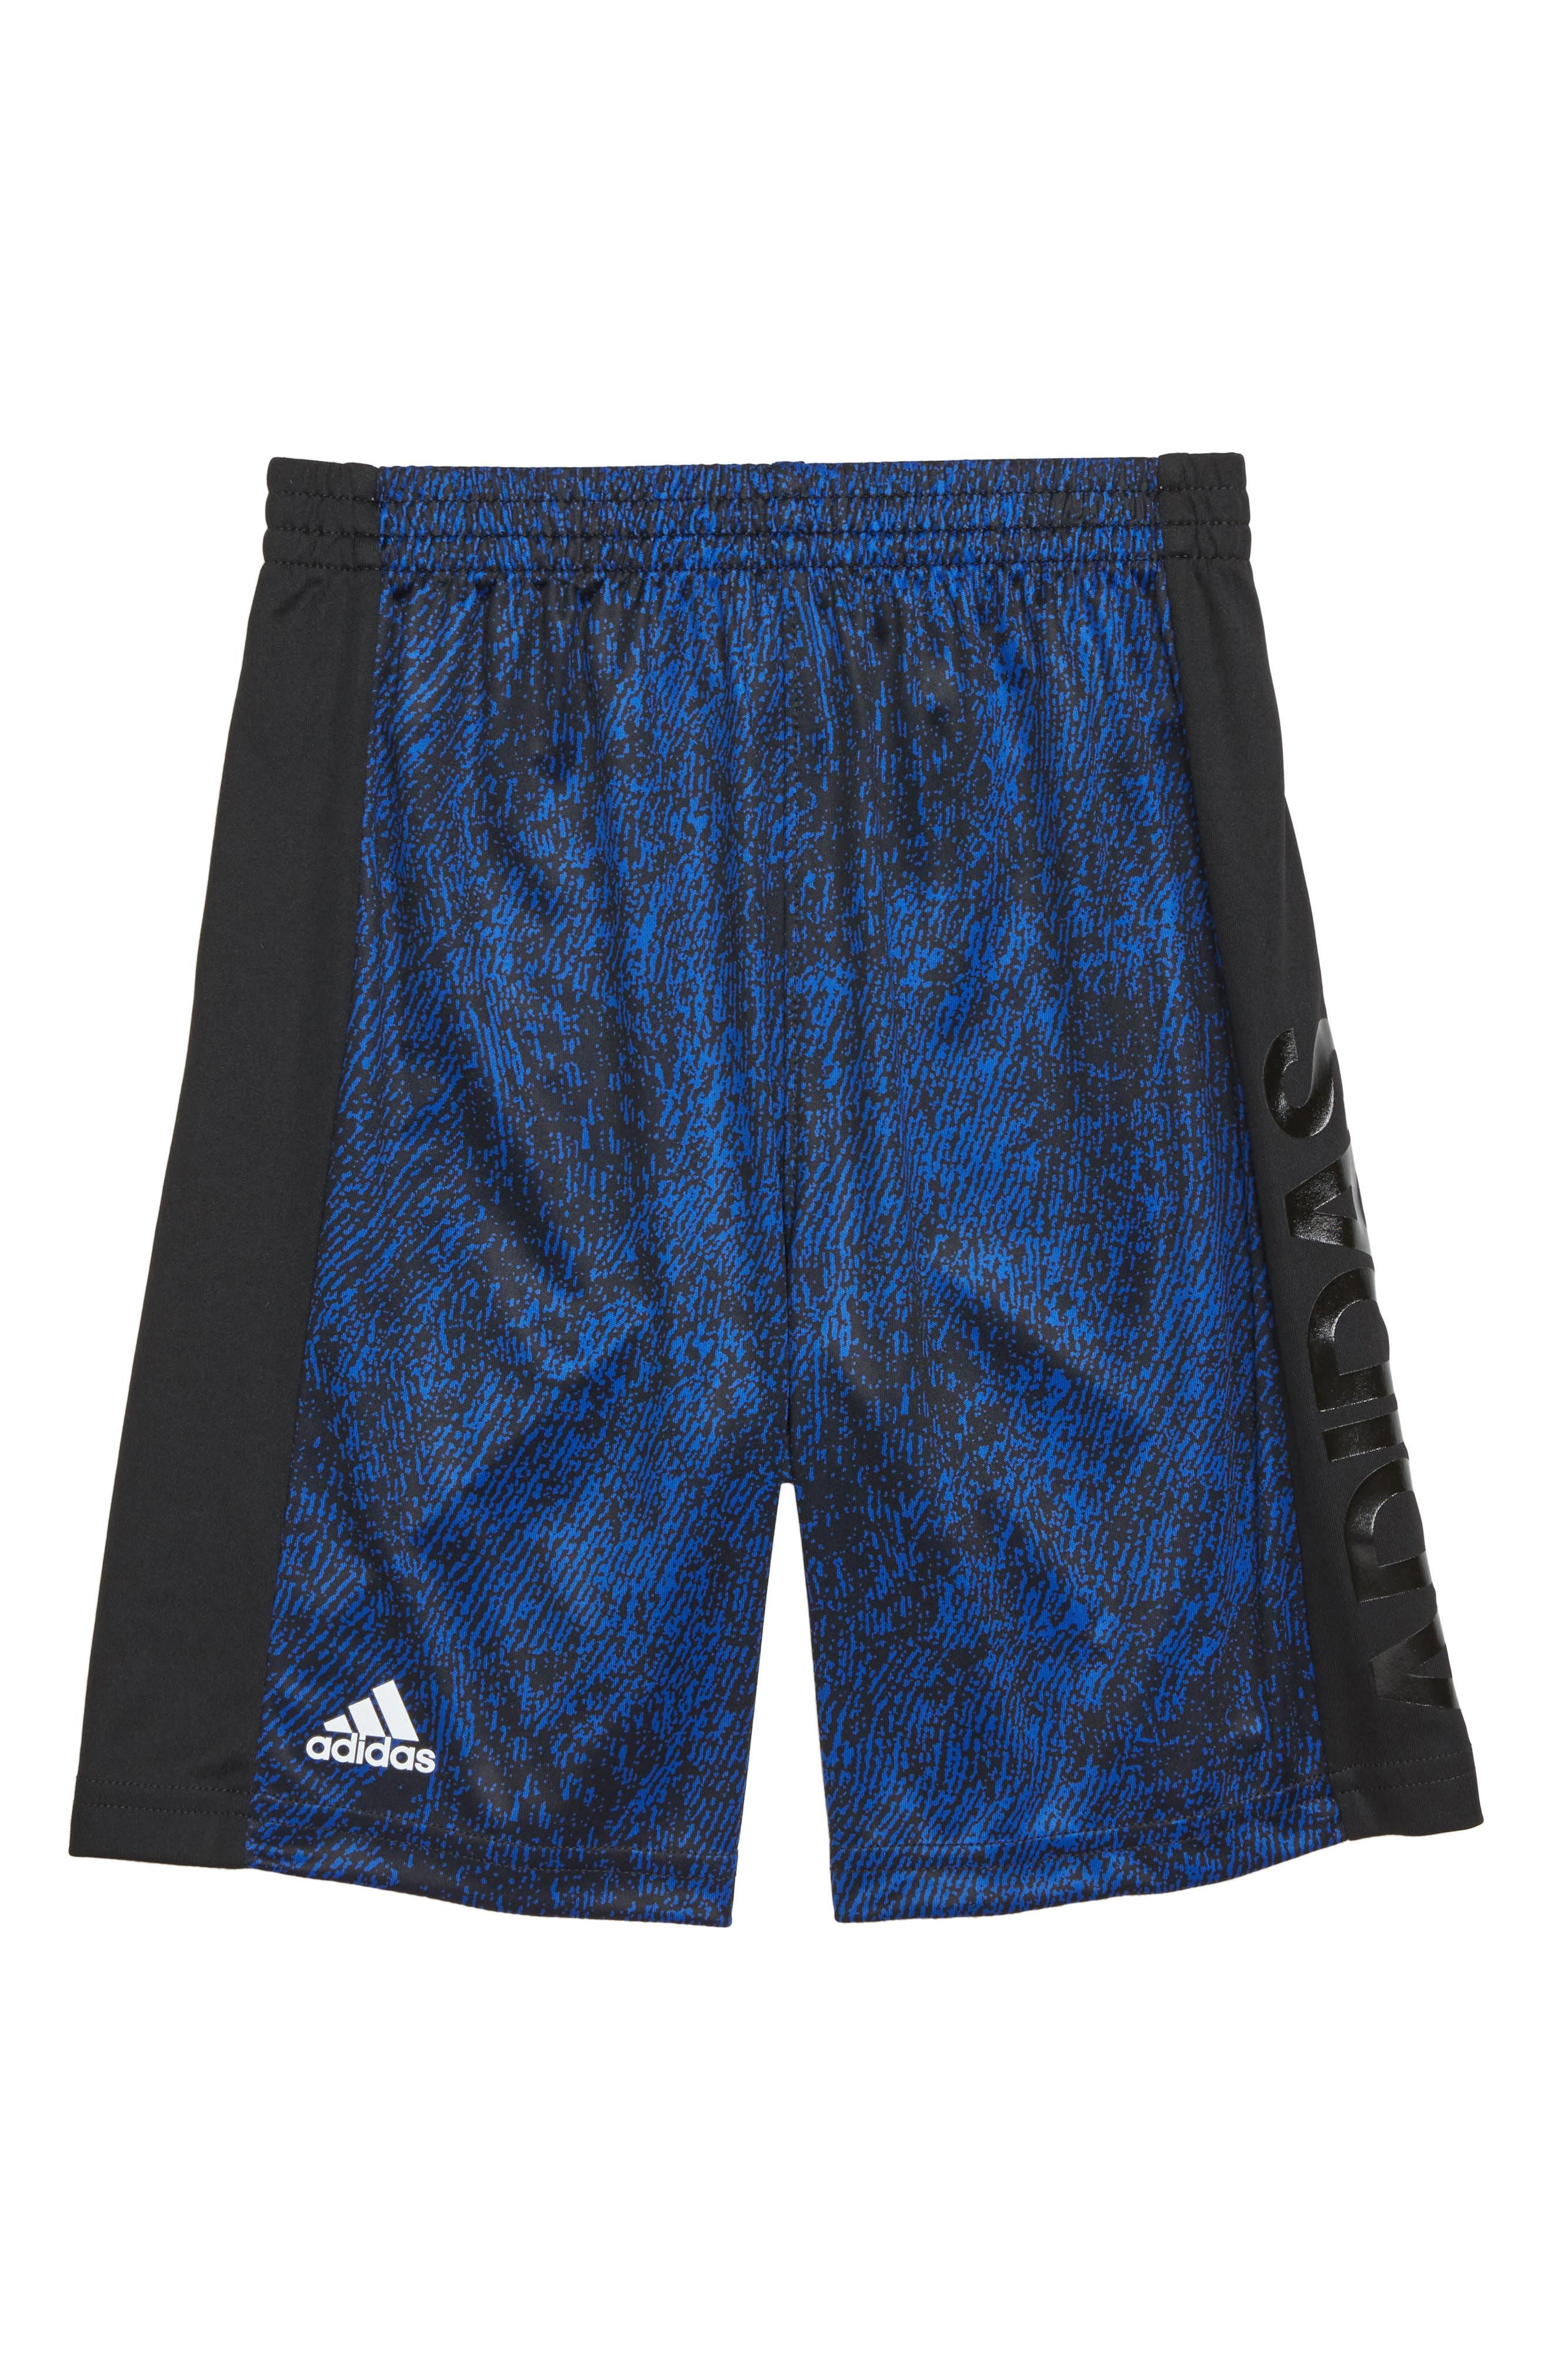 Motivation Climalite<sup>®</sup> Shorts,                         Main,                         color, DARK ROYAL